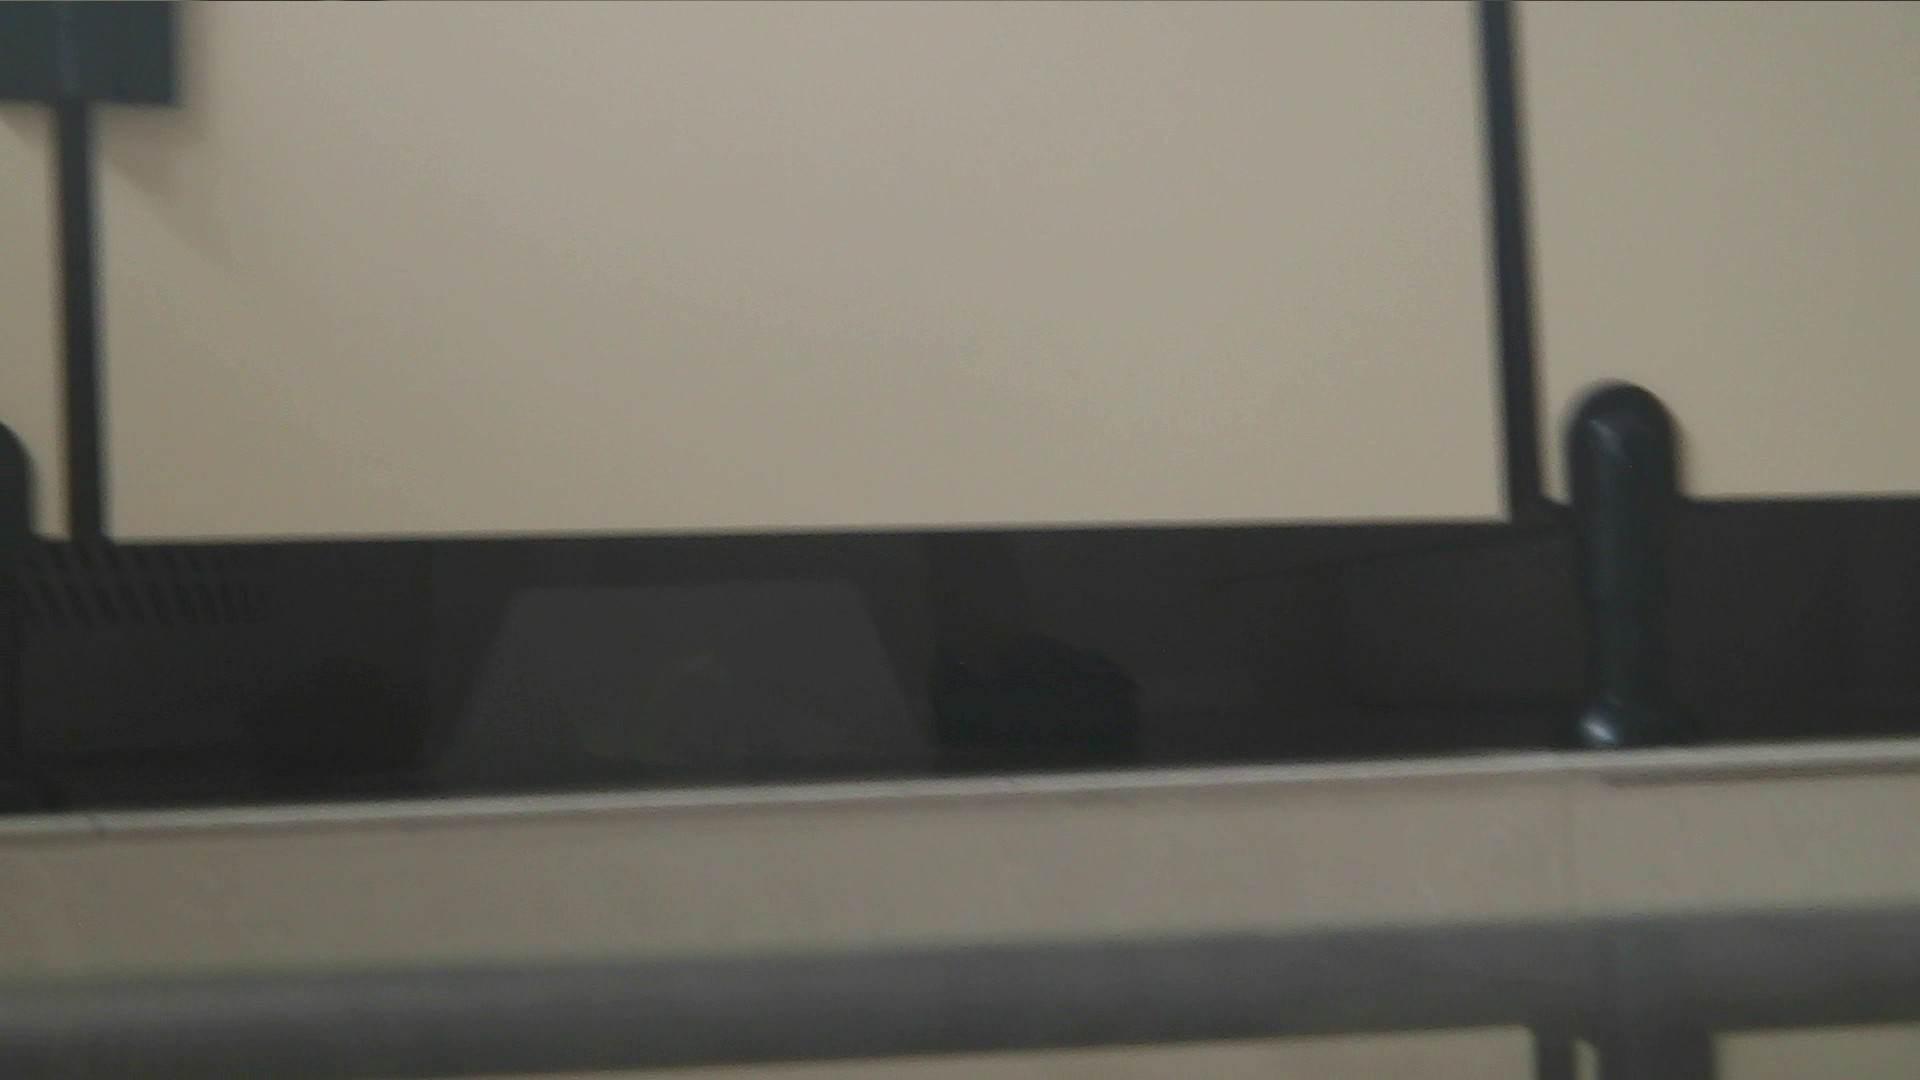 お市さんの「お尻丸出しジャンボリー」No.2 お姉さん攻略 スケベ動画紹介 109画像 12